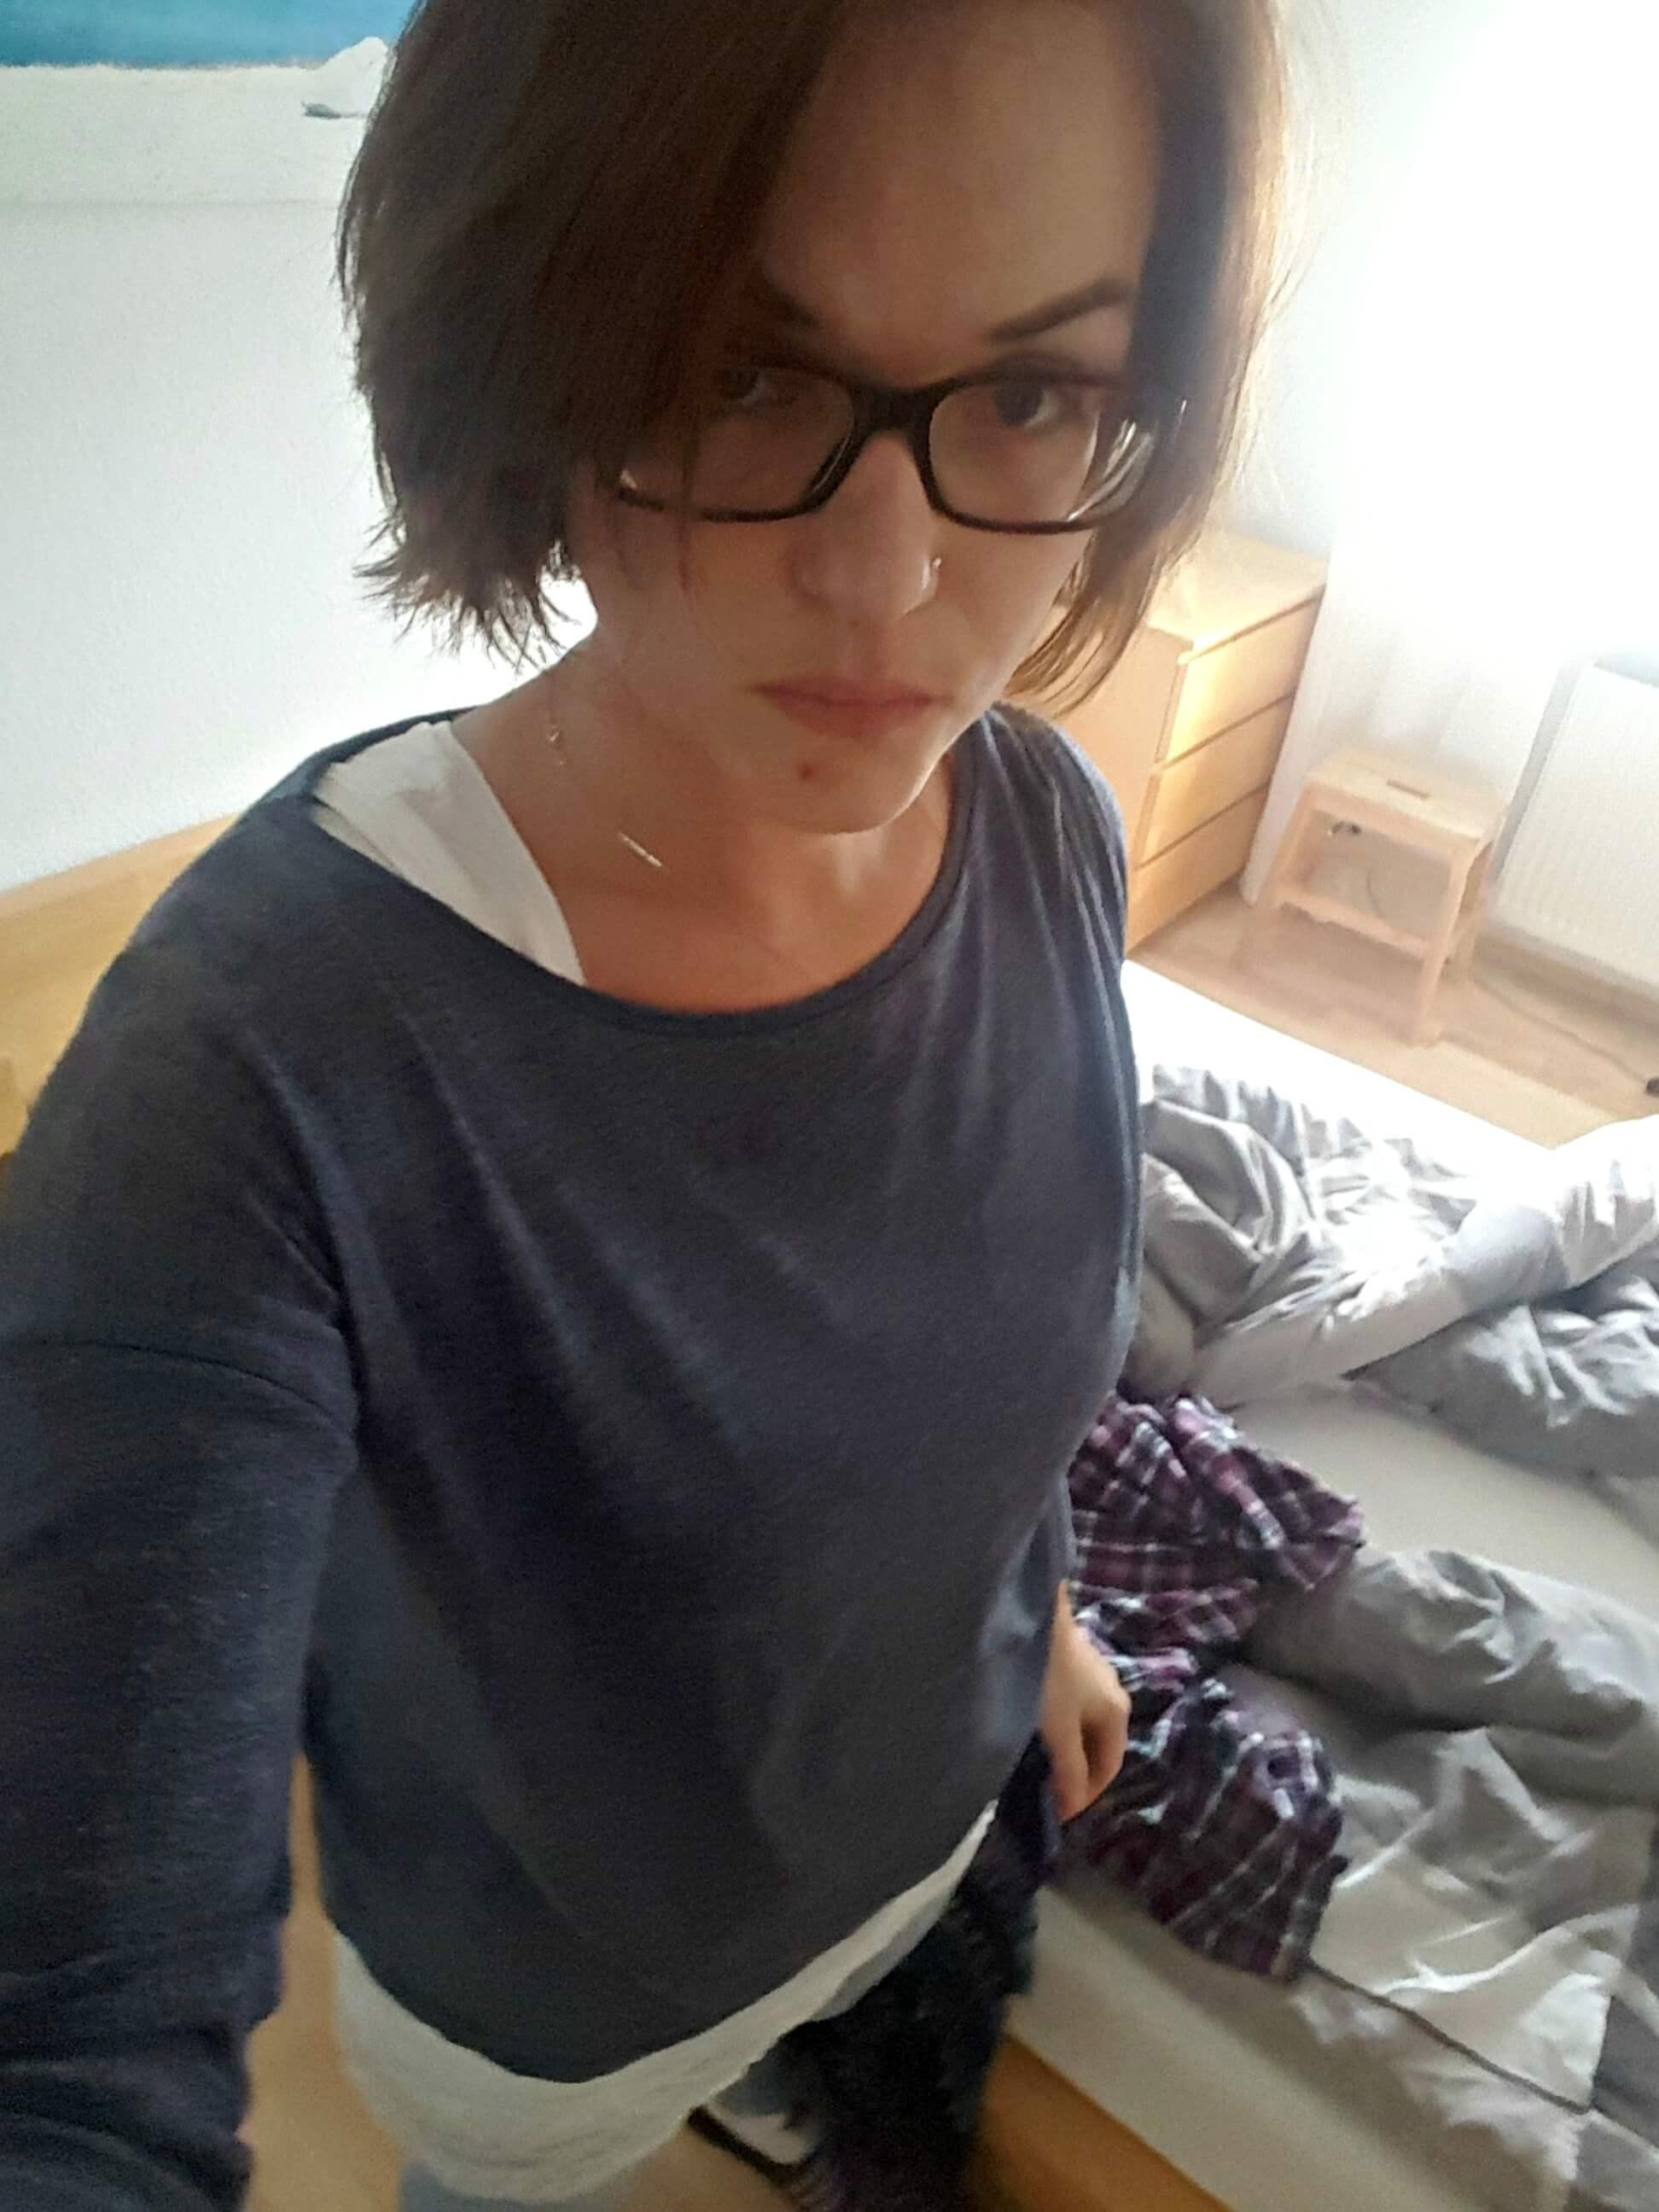 selfie-mit-lungenentzundung